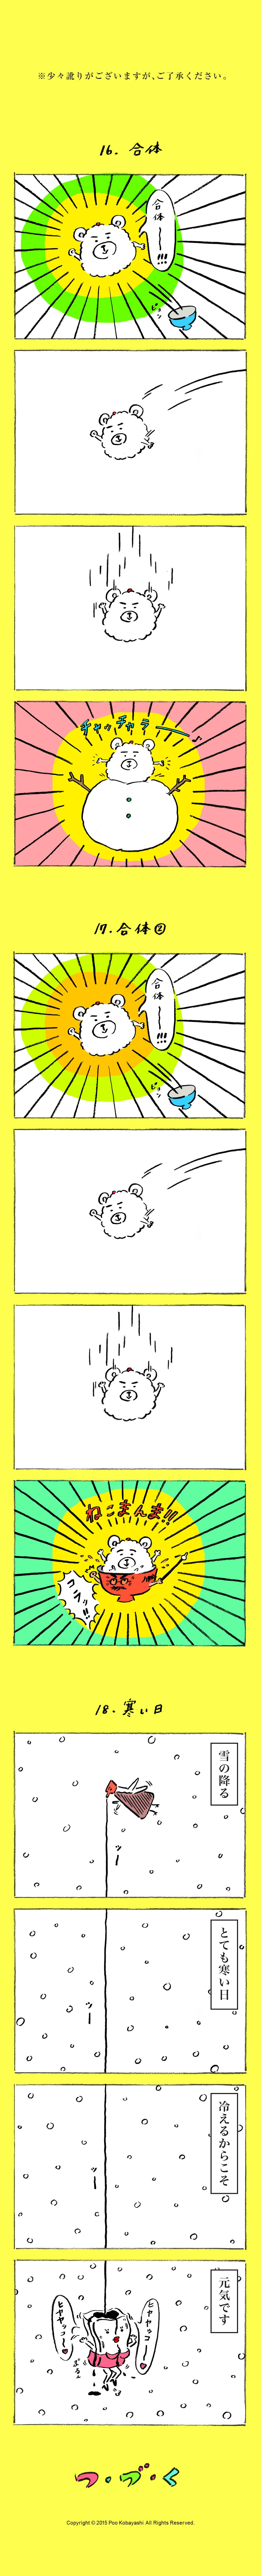 shirokumagohan-4koma-story-6